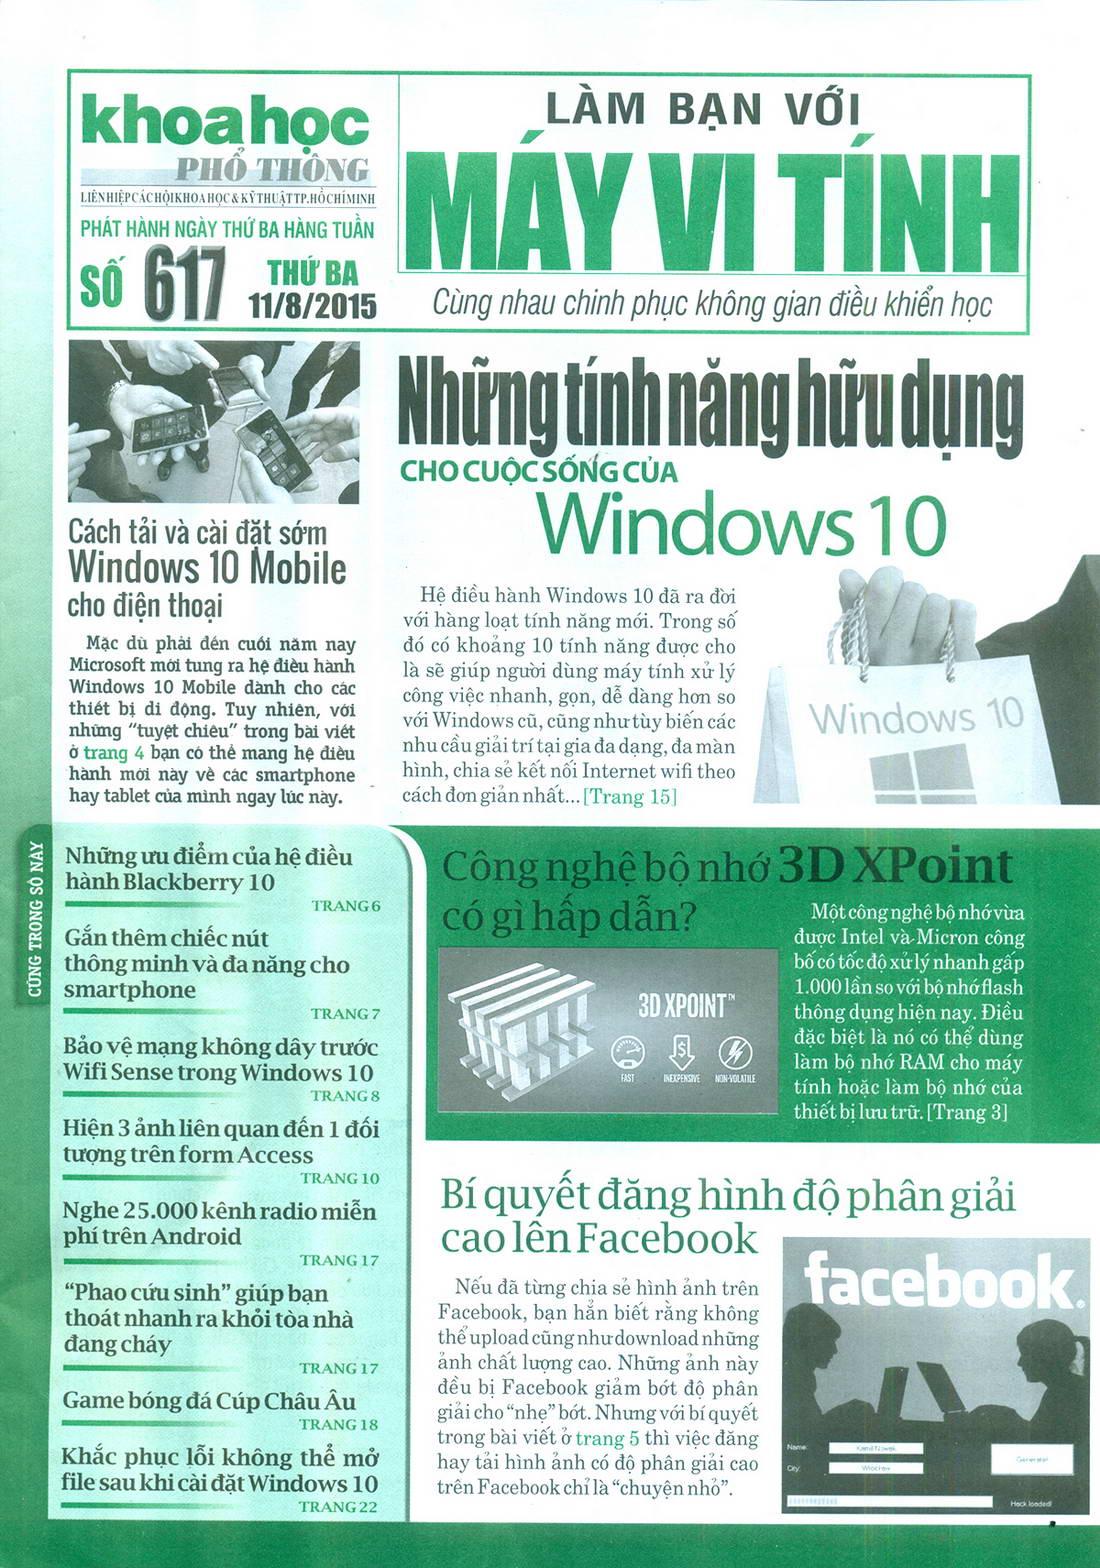 Lam ban vo may vi tinh 617 - tapchicntt.com